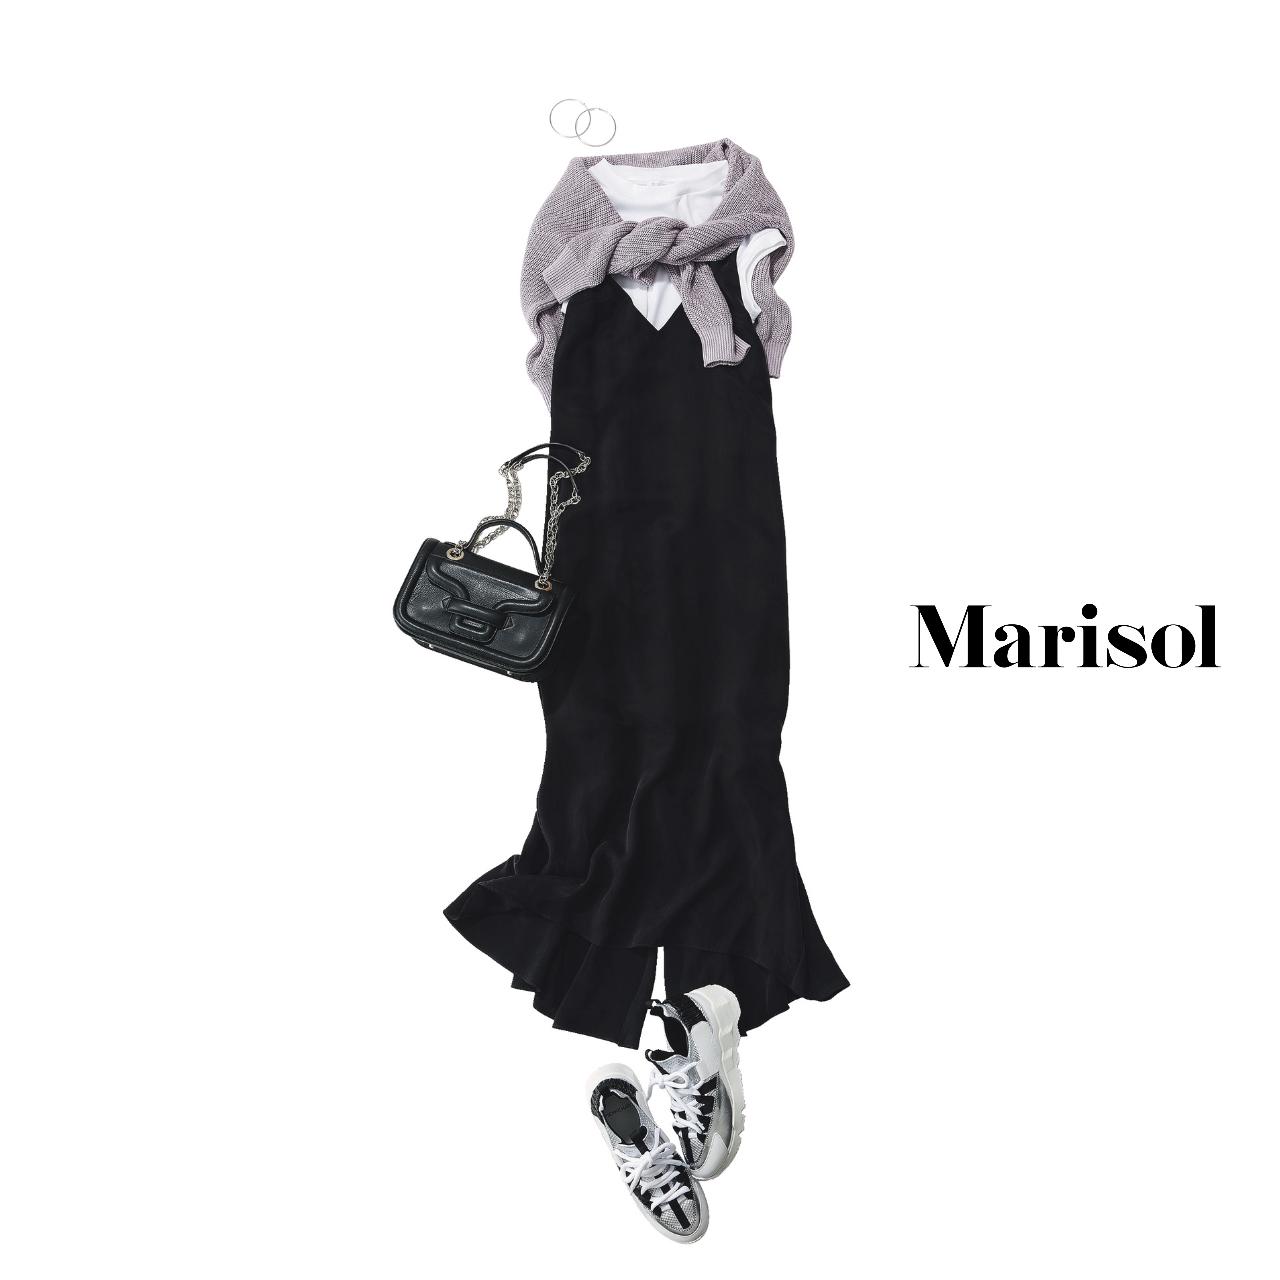 40代ファッション  白Tシャツ×黒オールインワンコーデ